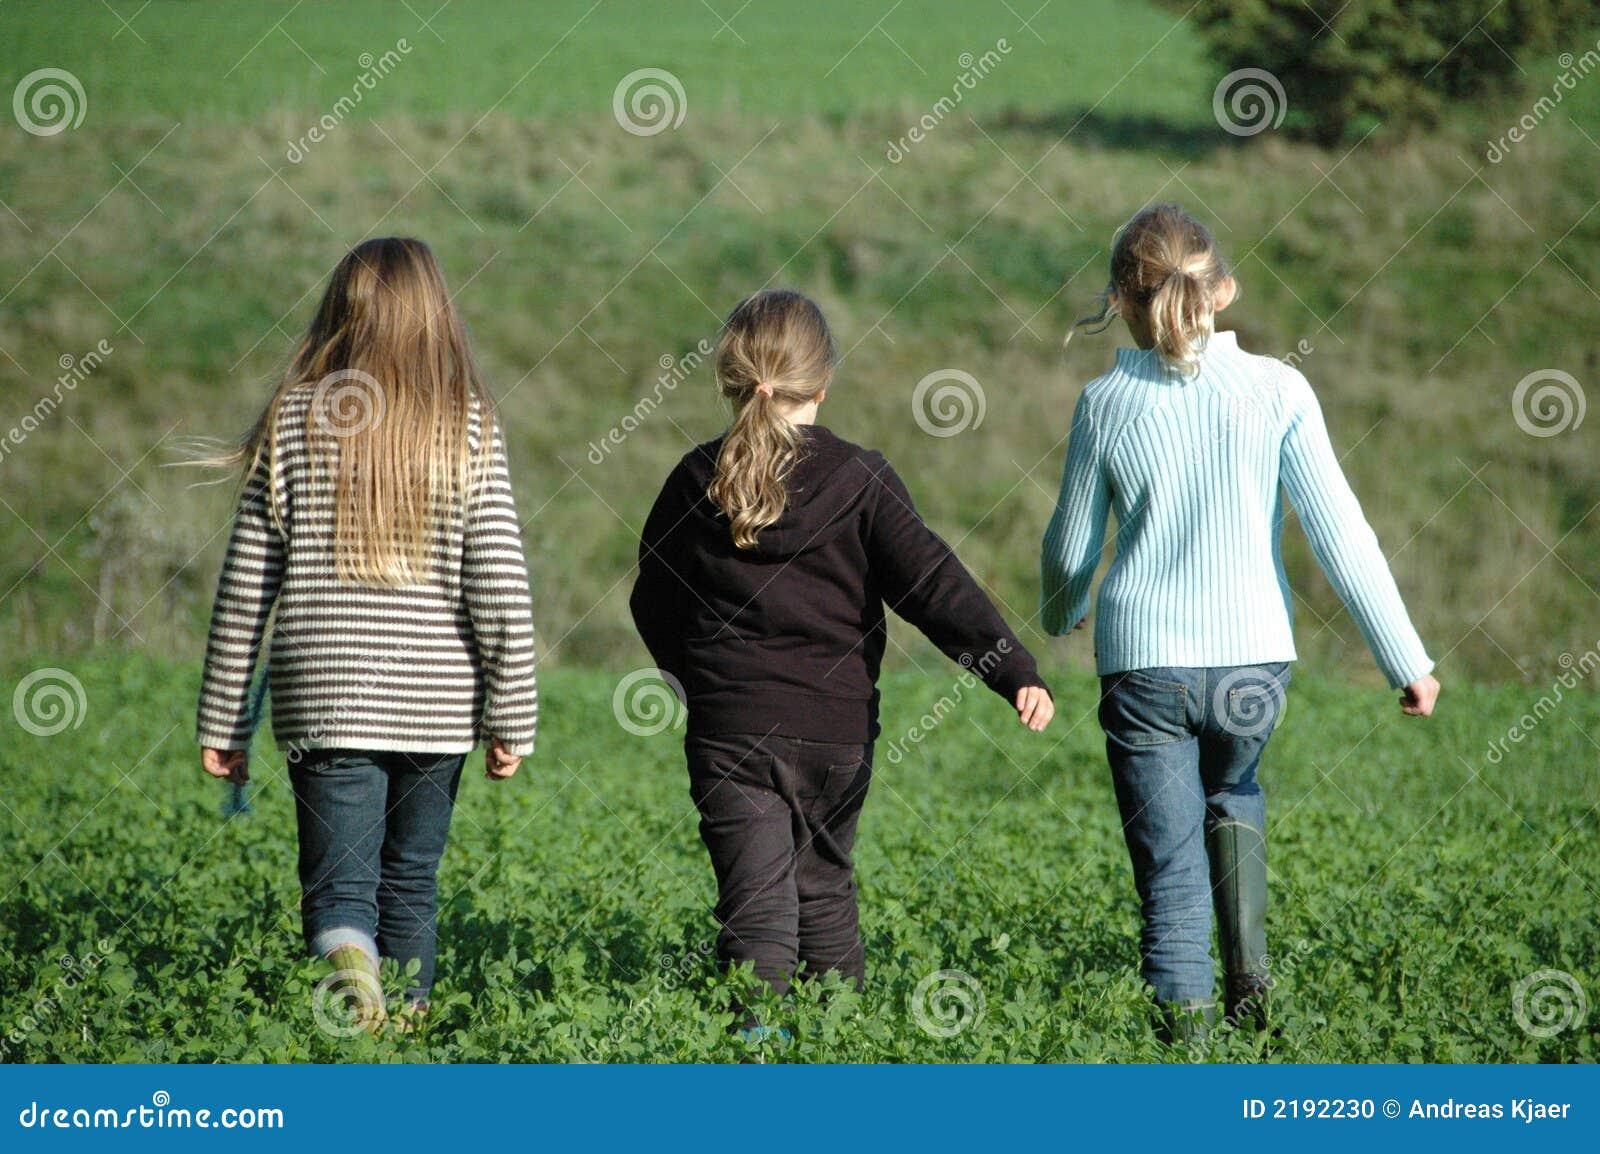 Meilleurs amis, 3 filles